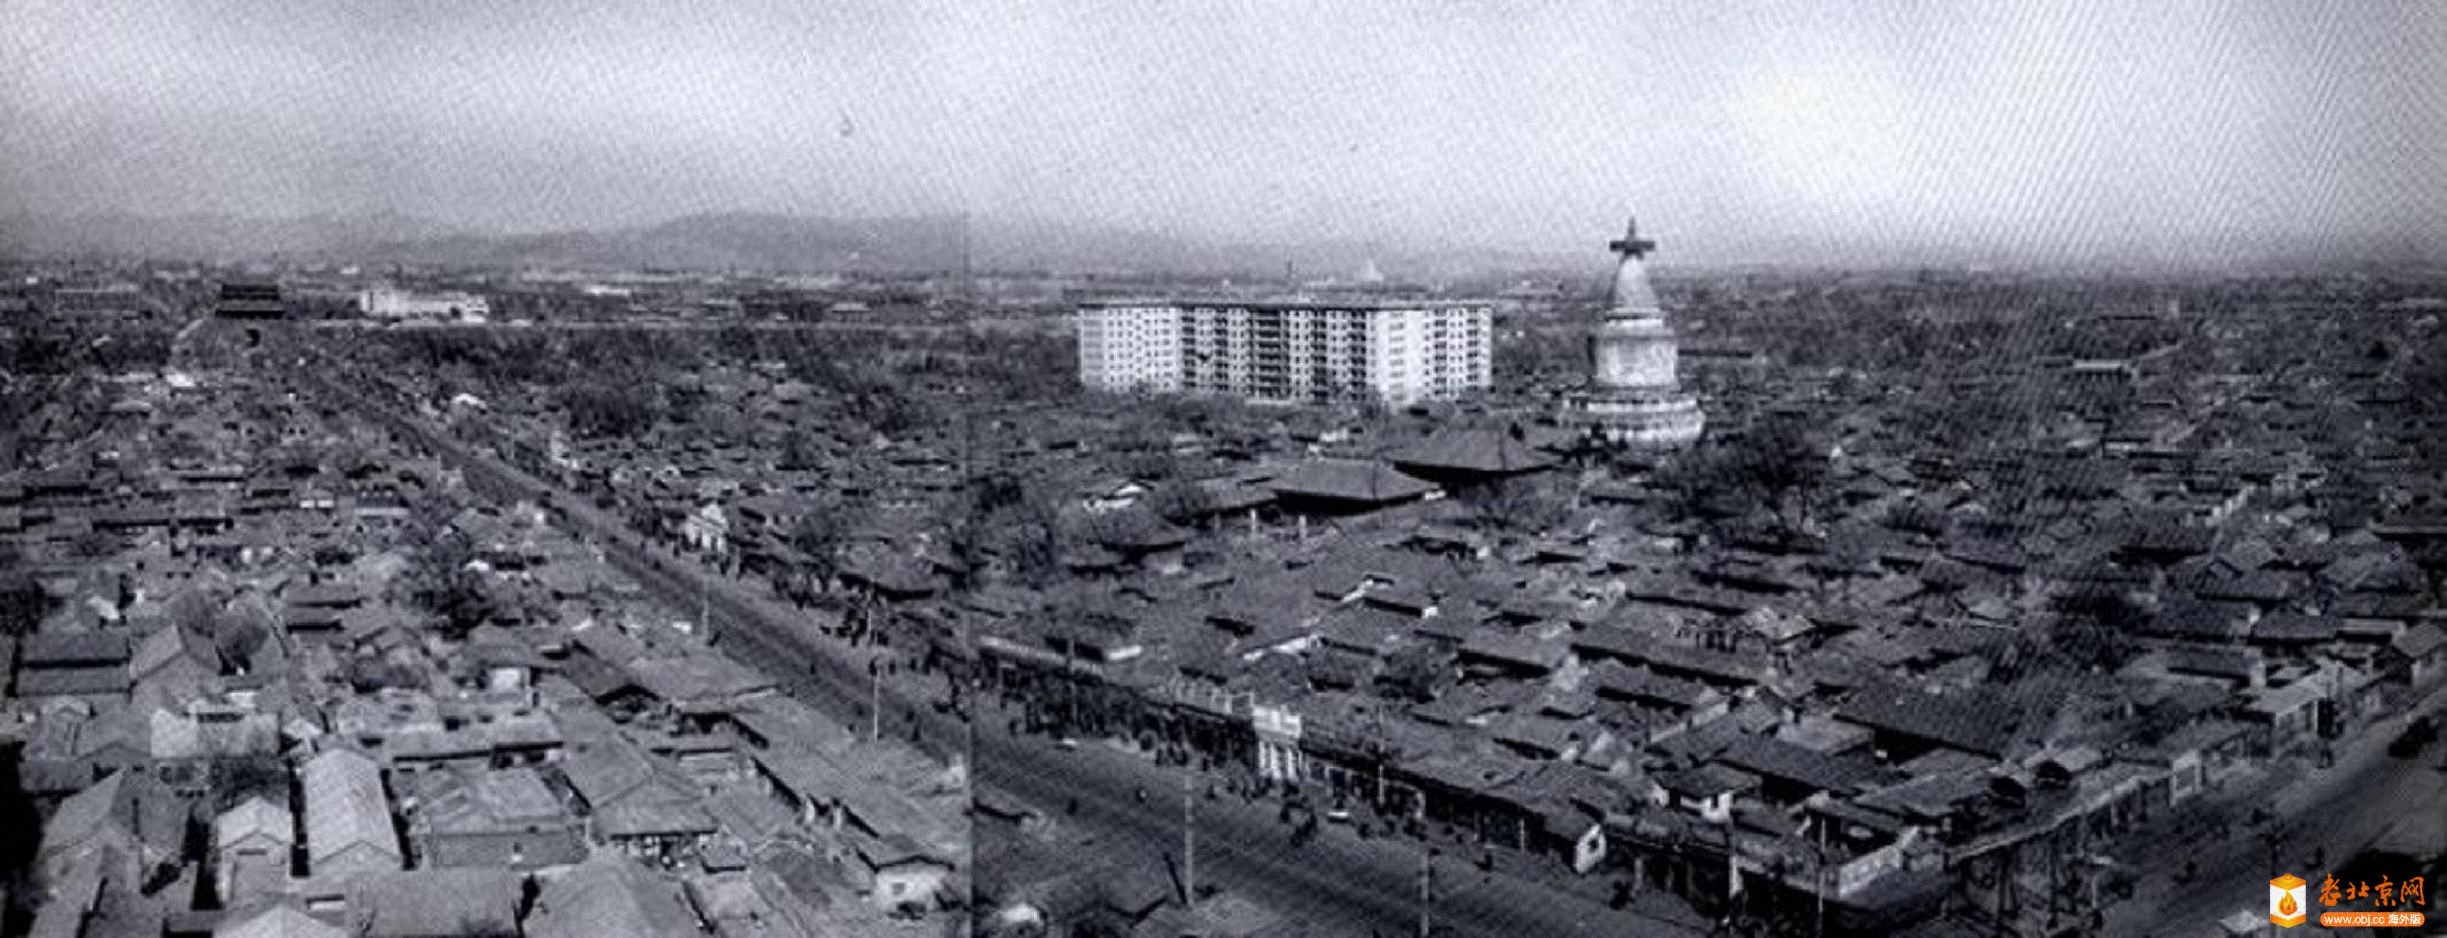 932.阜成门内大街       (1962年).jpg